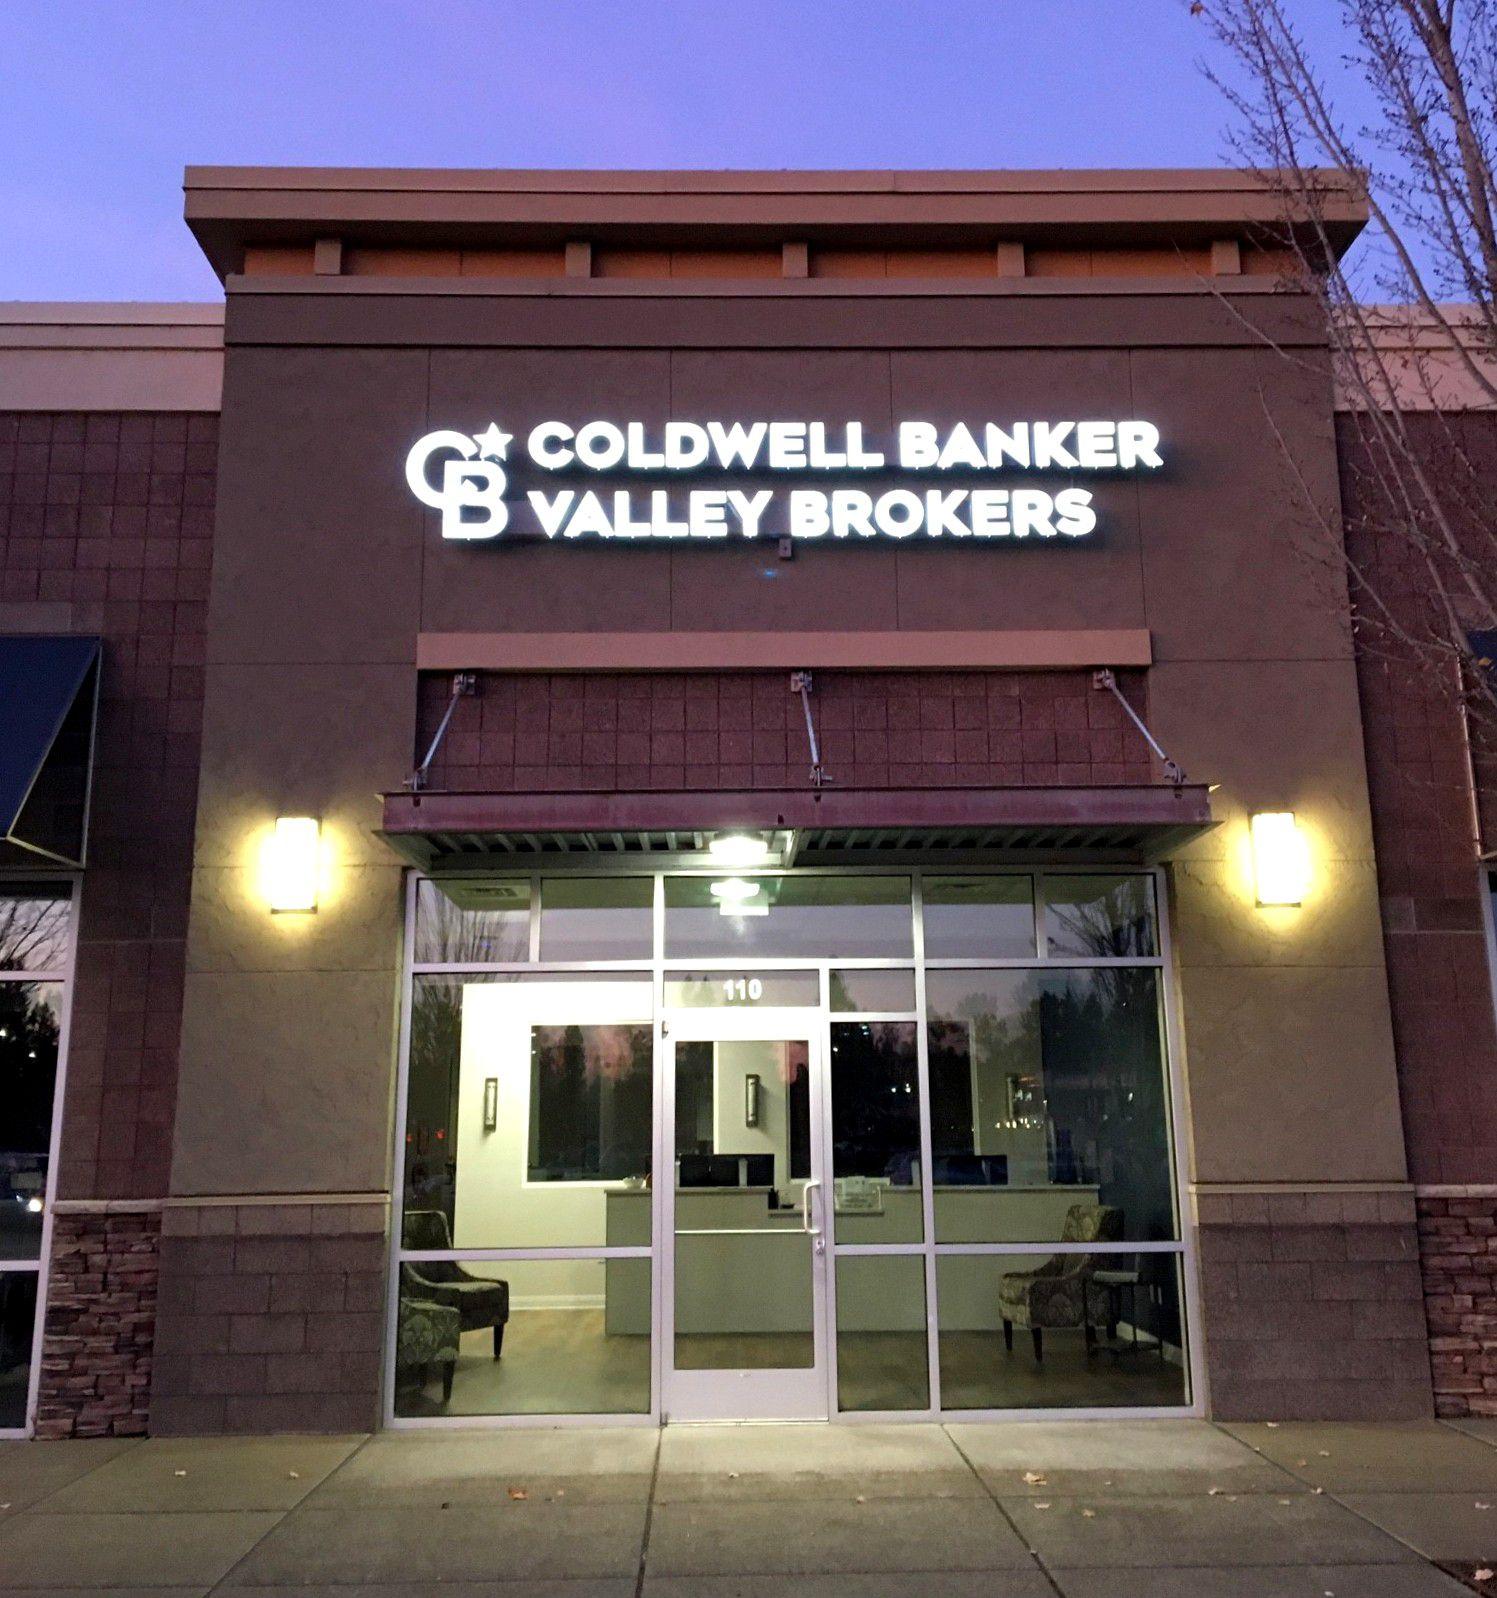 Valley Brokers